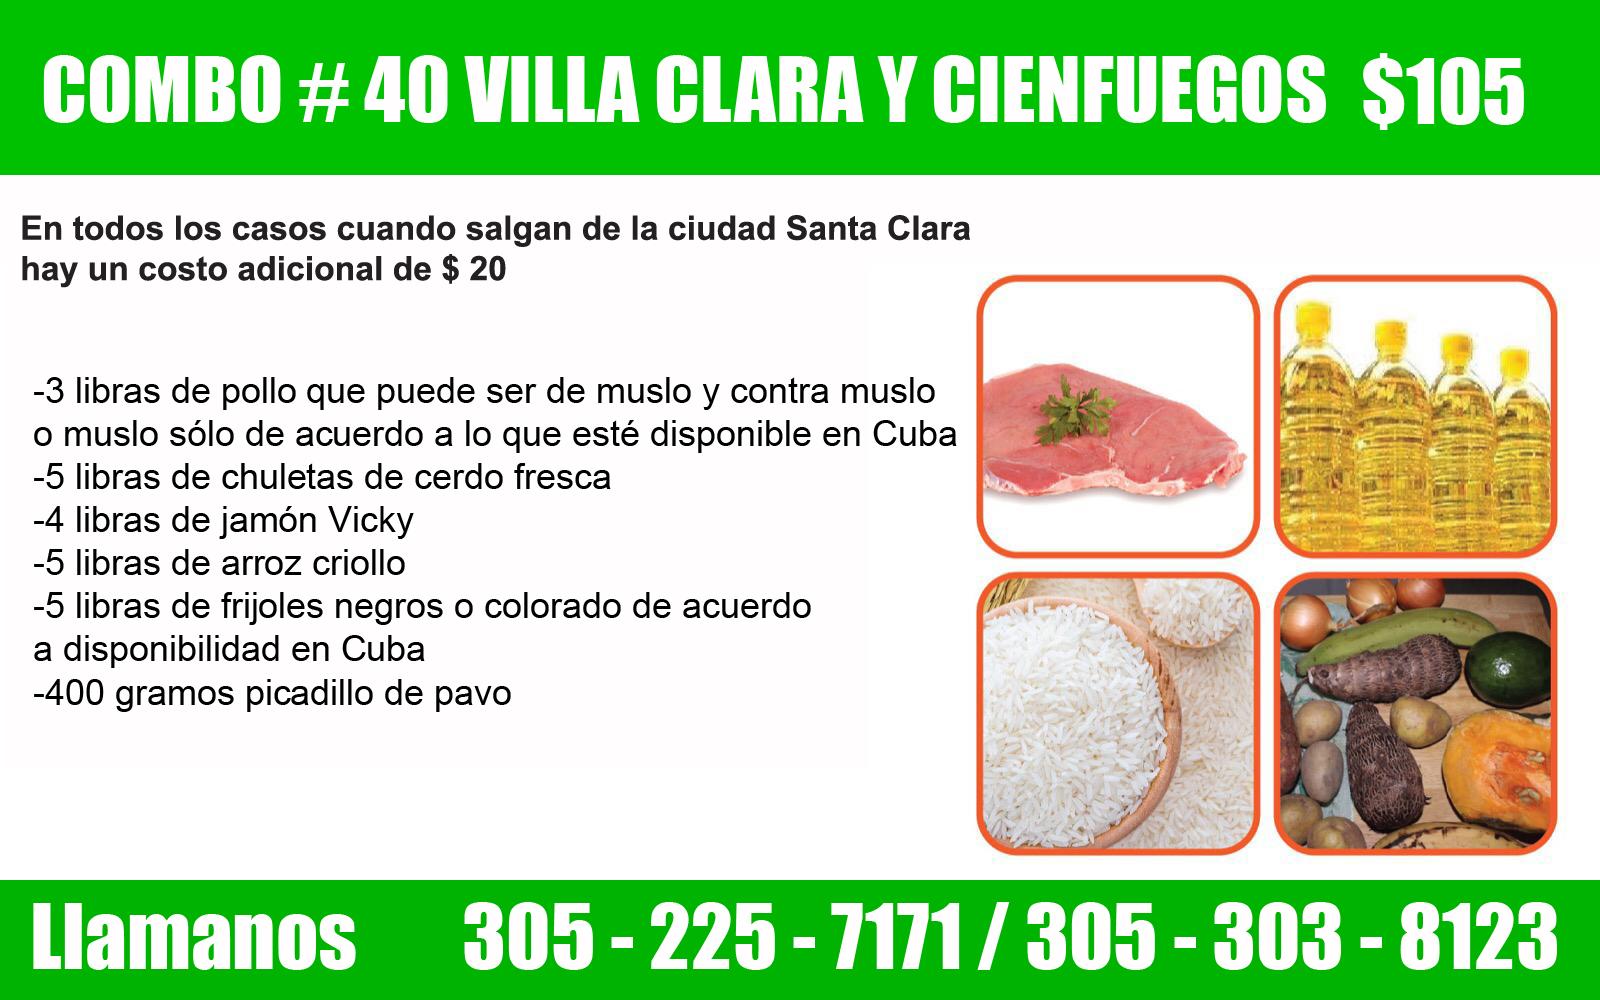 COMBO # 40 PARA VILLA CLARA Y CIENFUEGOS $ 105